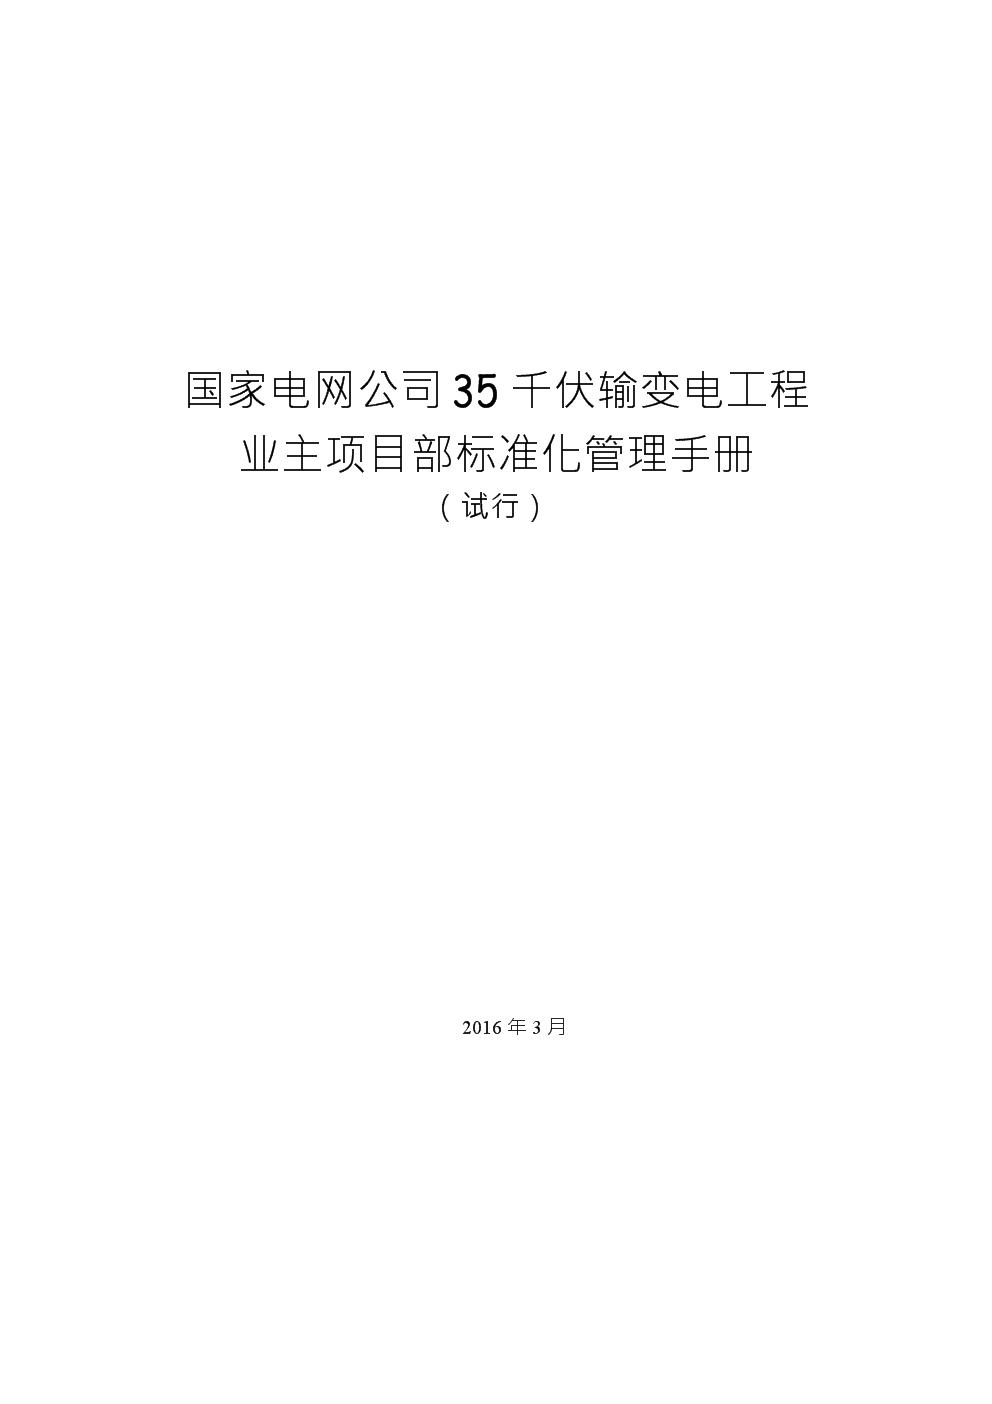 国家电网公司35千伏输变电工程业主项目部标准化管理手册(试行).docx